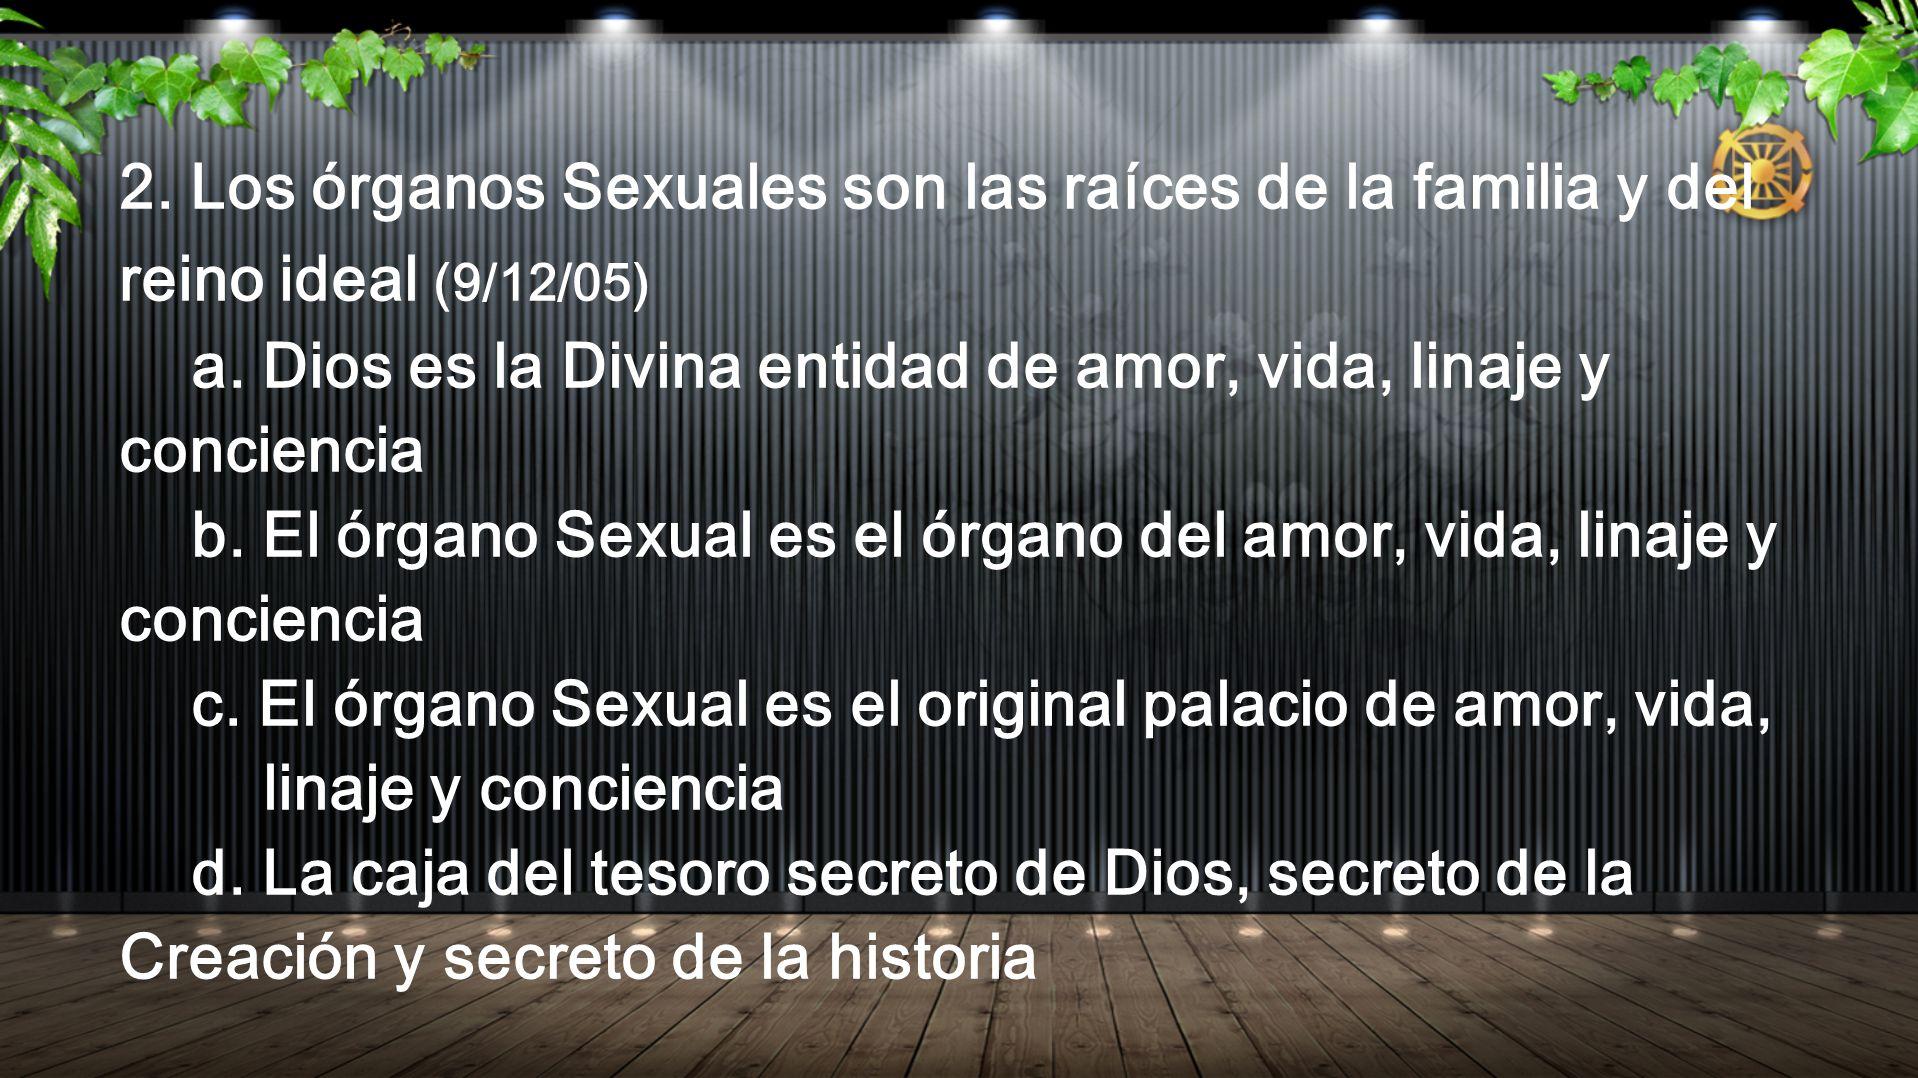 2. Los órganos Sexuales son las raíces de la familia y del reino ideal (9/12/05)